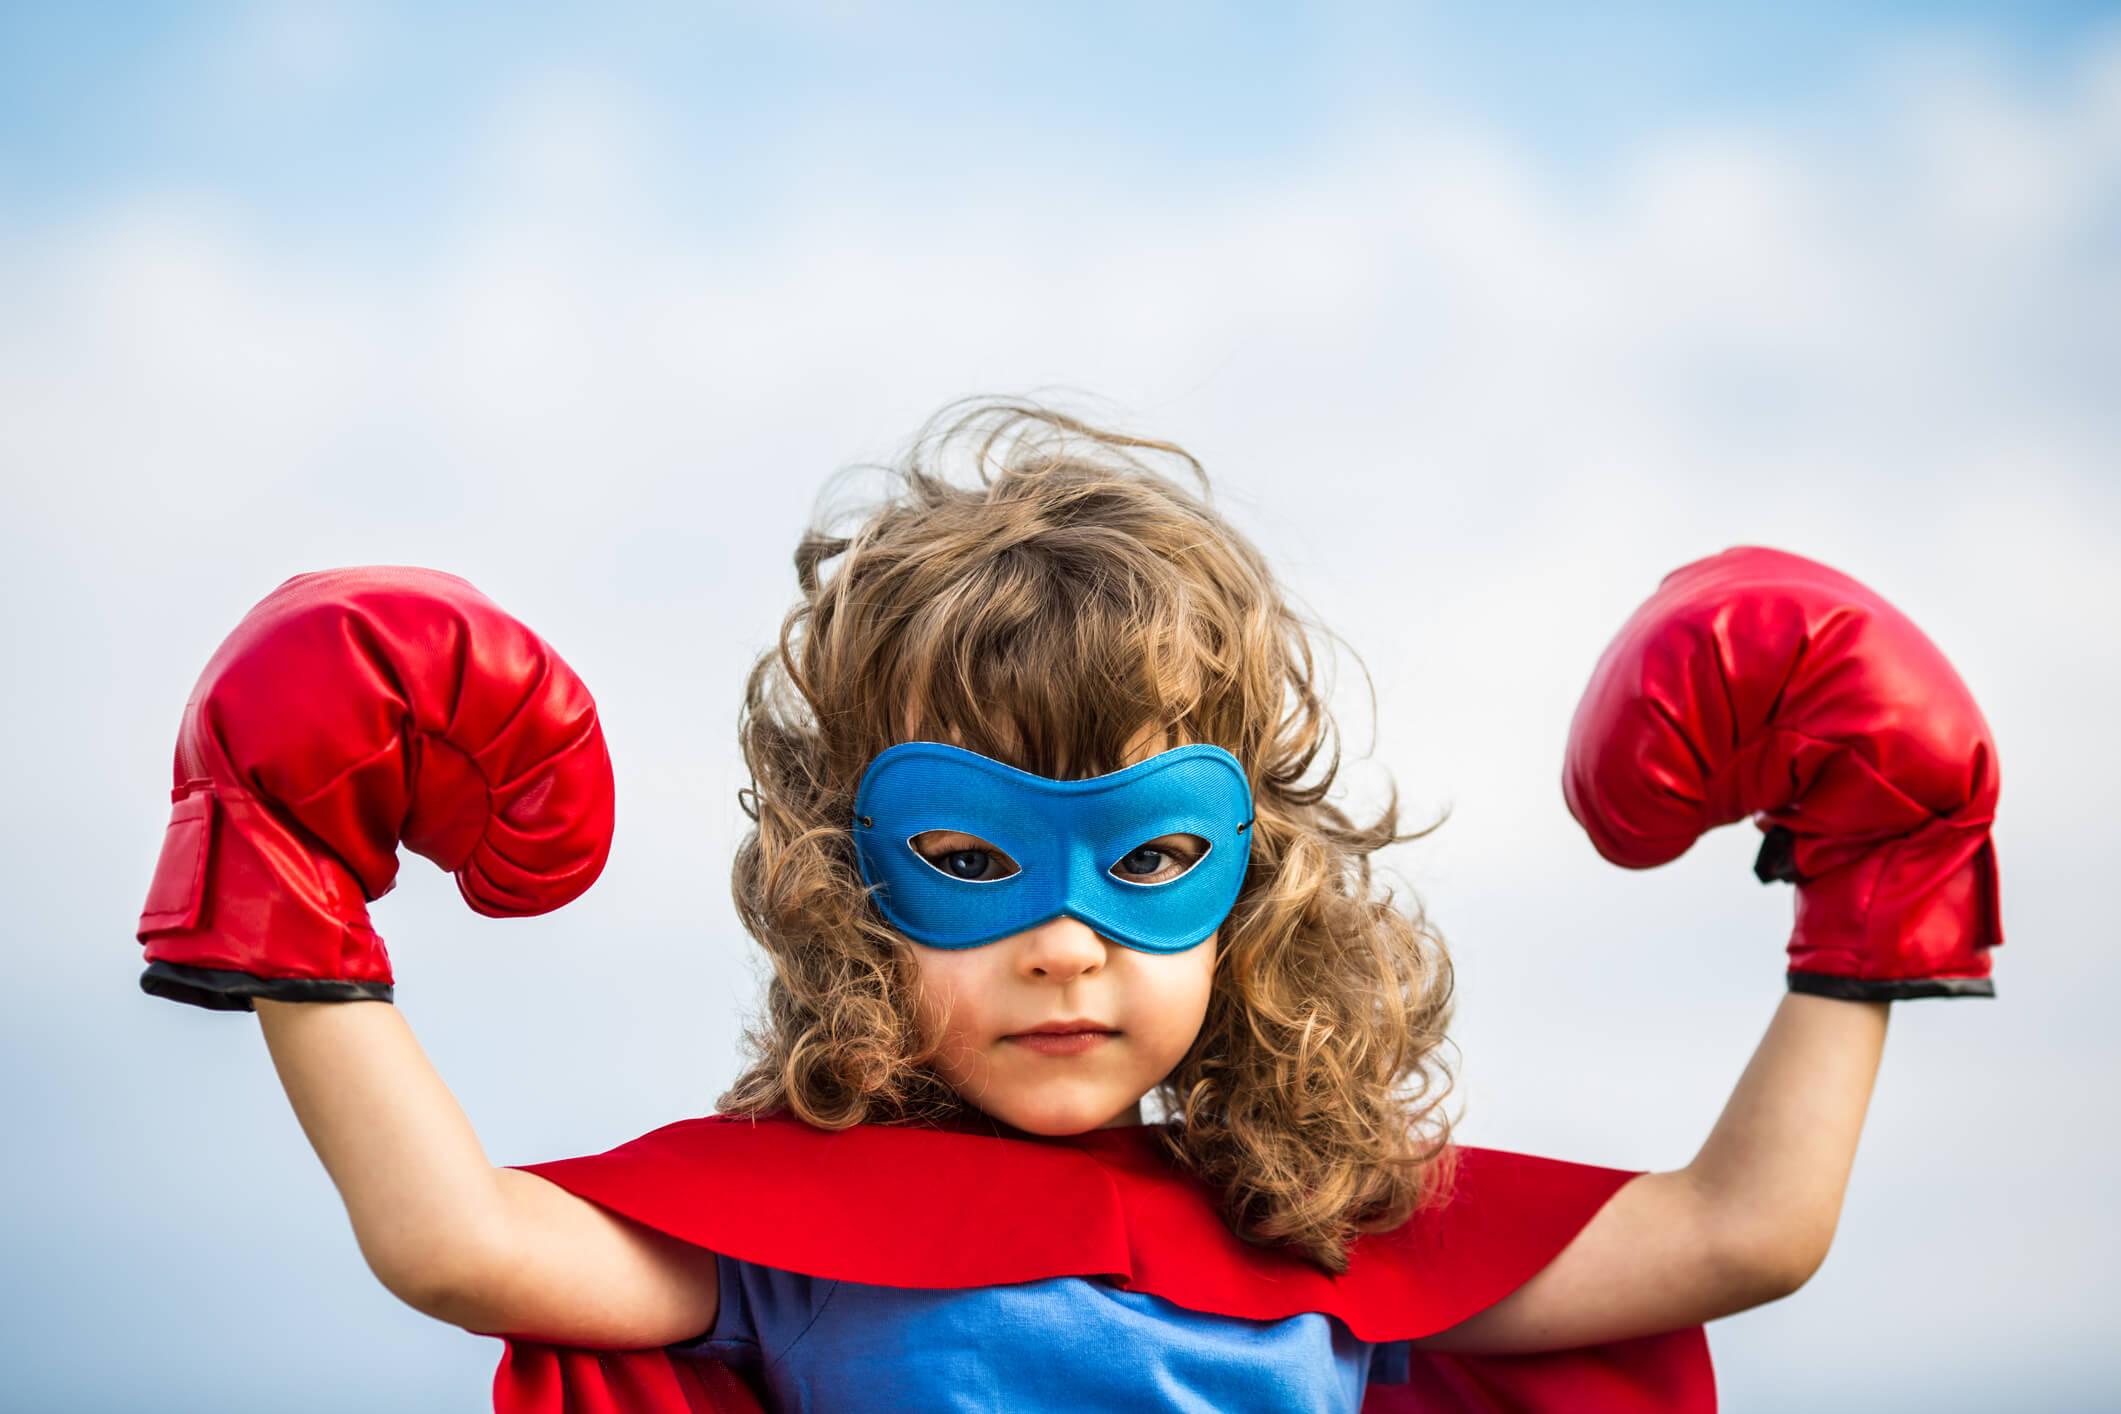 Nina disfrazada de superheroe